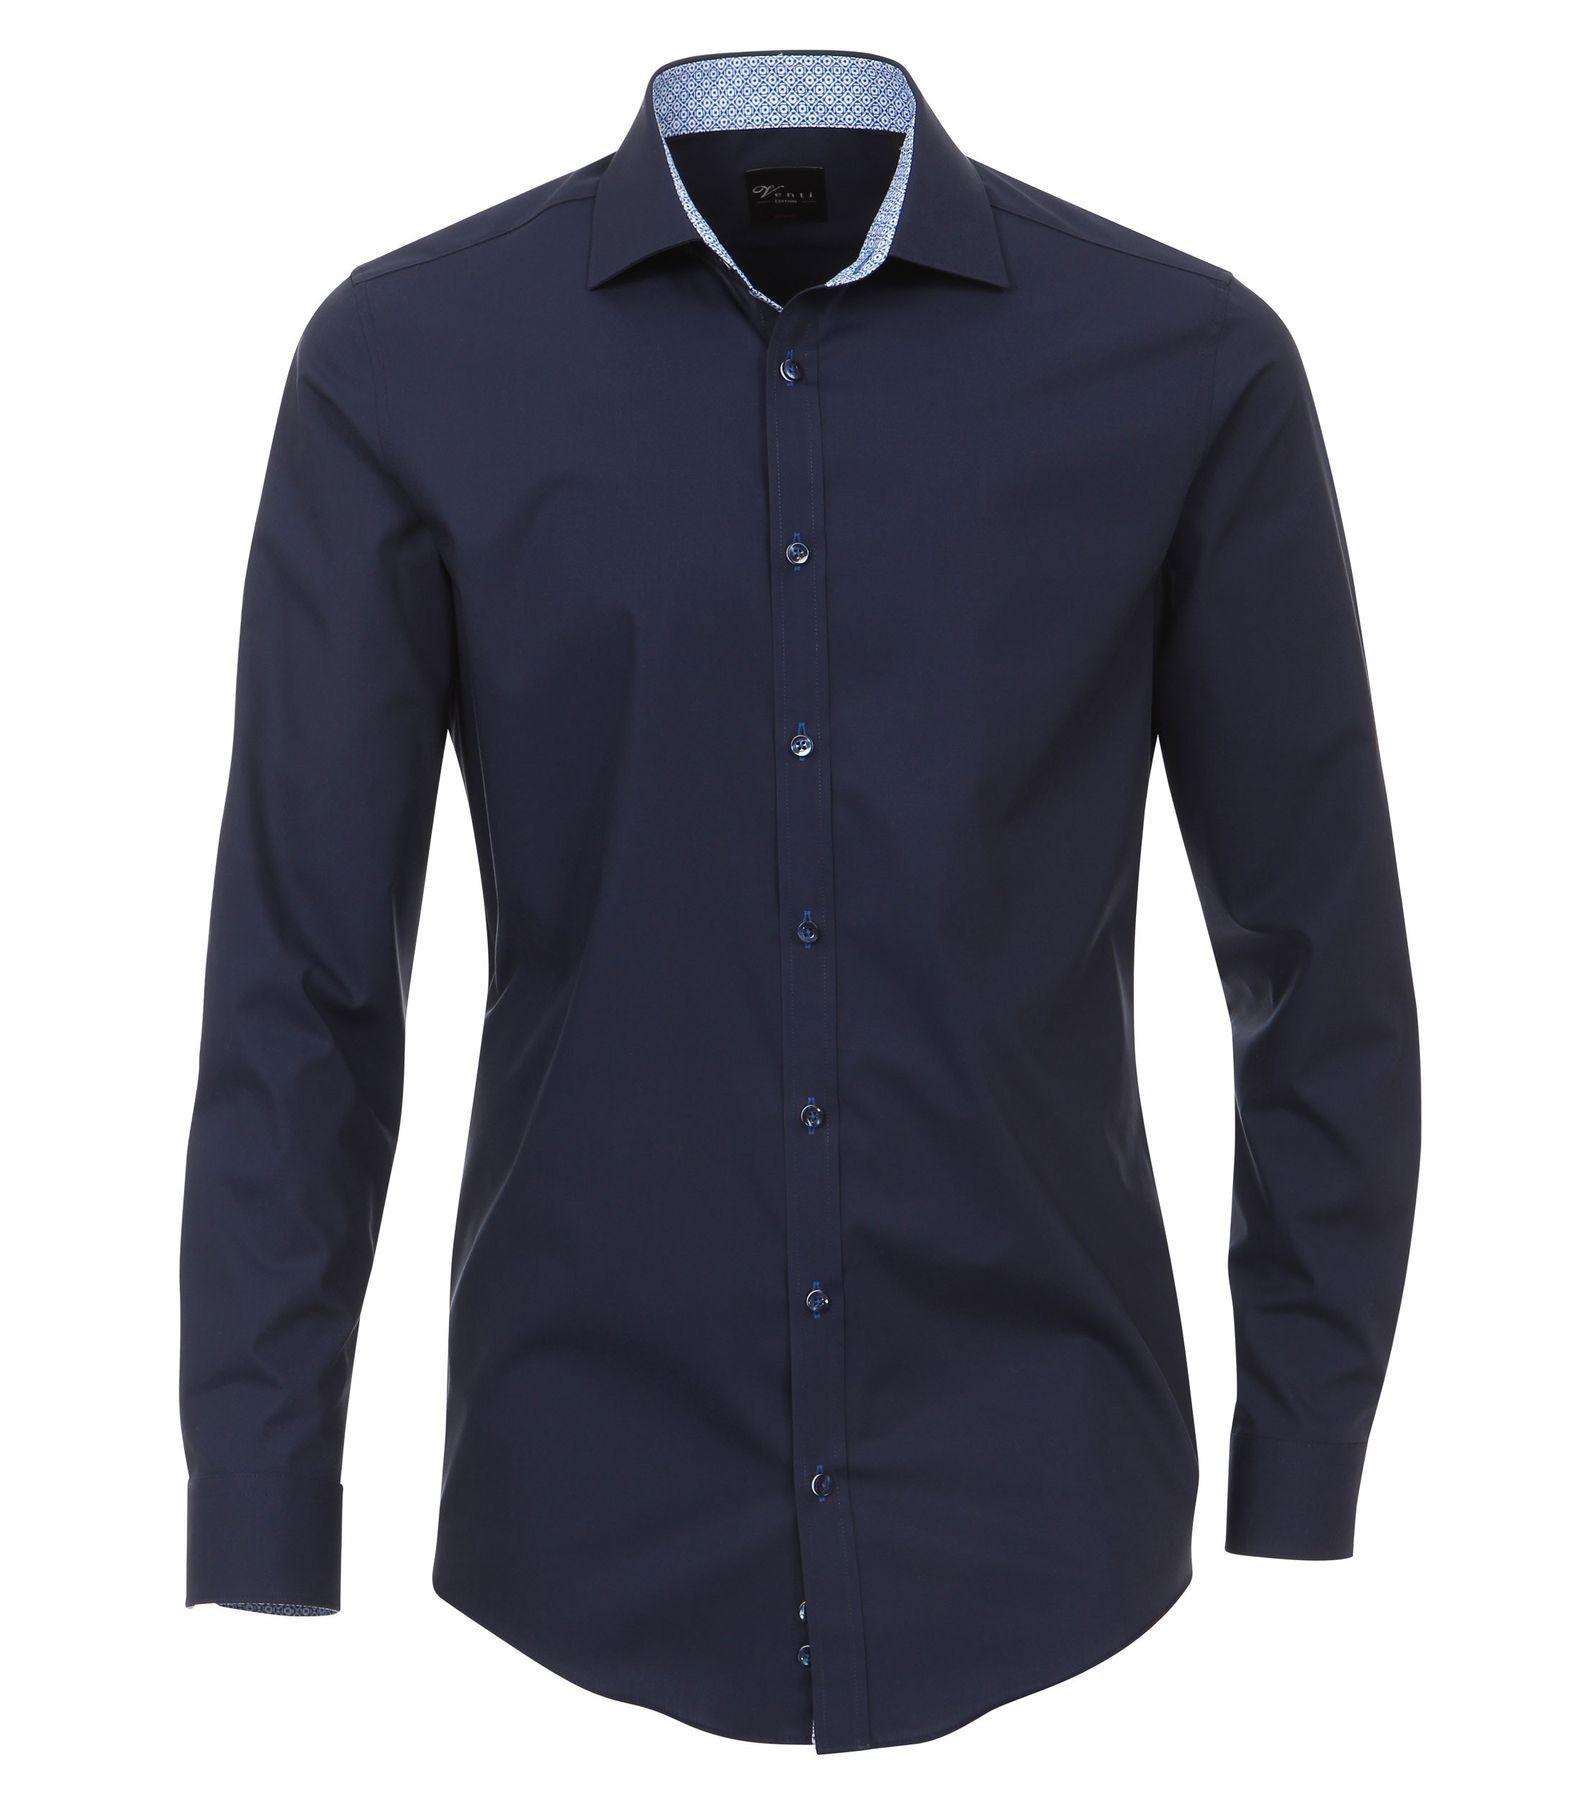 Venti - Body Fit - Herren Popeline Hemd aus 100% Baumwolle mit Kent Kragen (172677800) – Bild 9